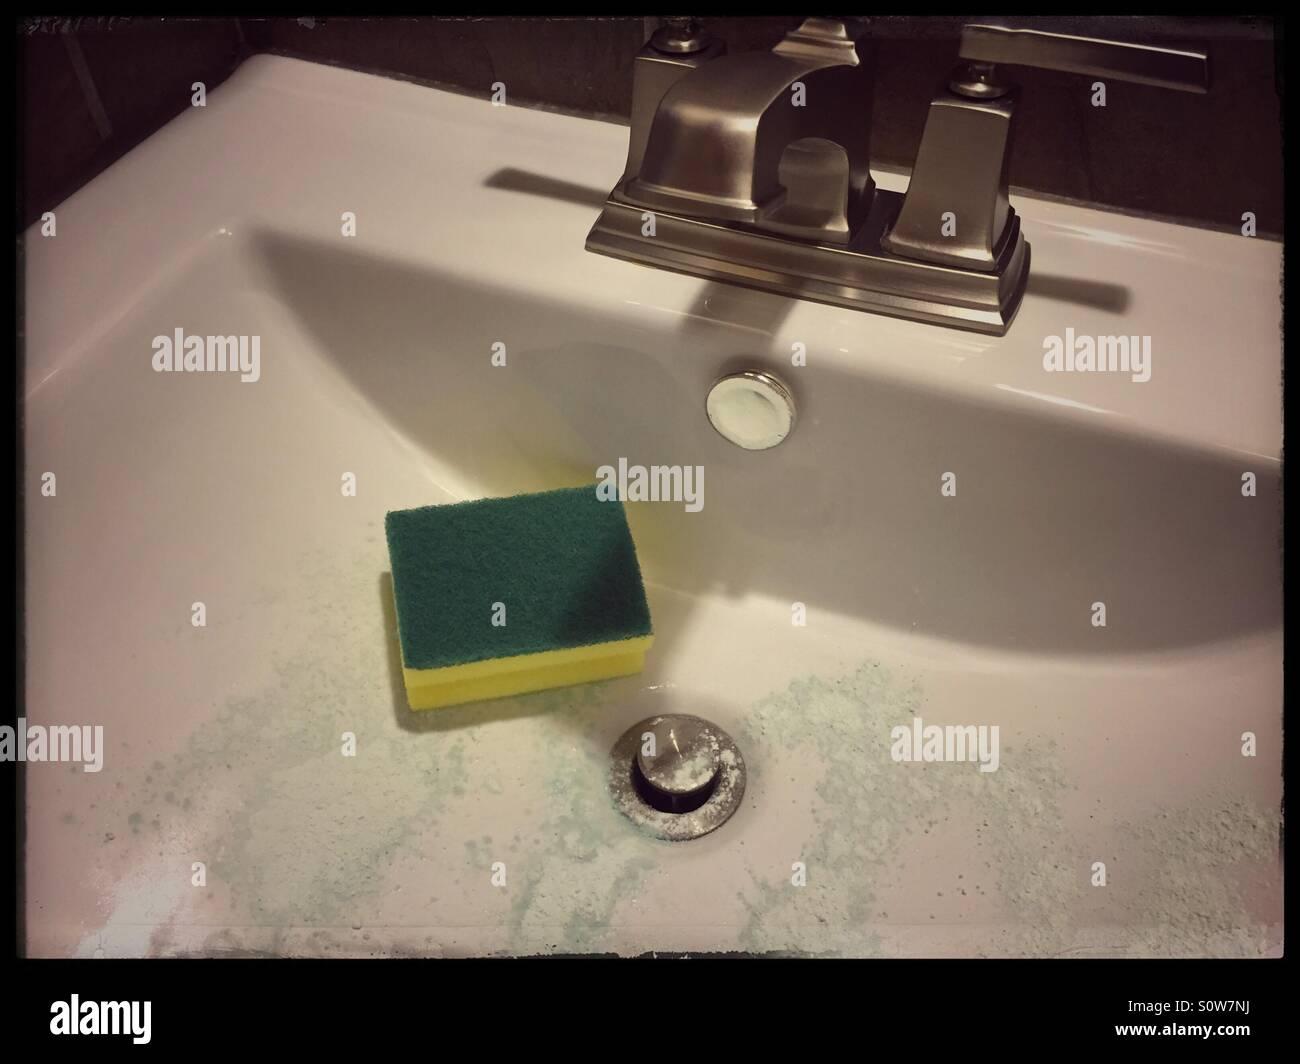 how to clean bathroom drain